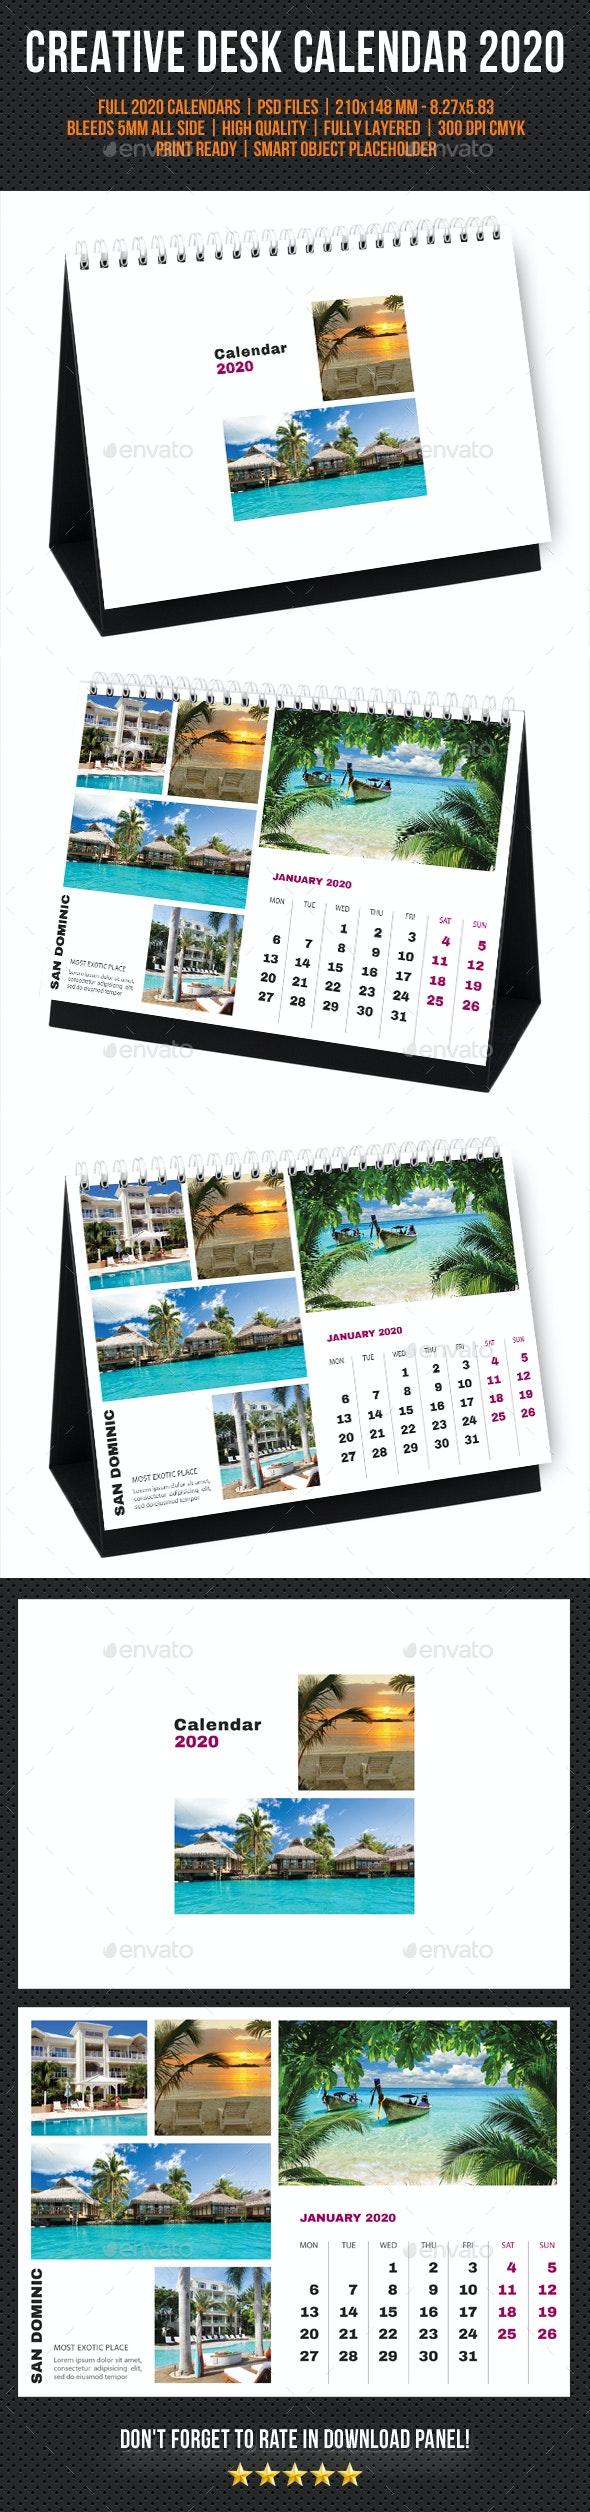 Creative Desk Calendar 2020 V33 - Calendars Stationery